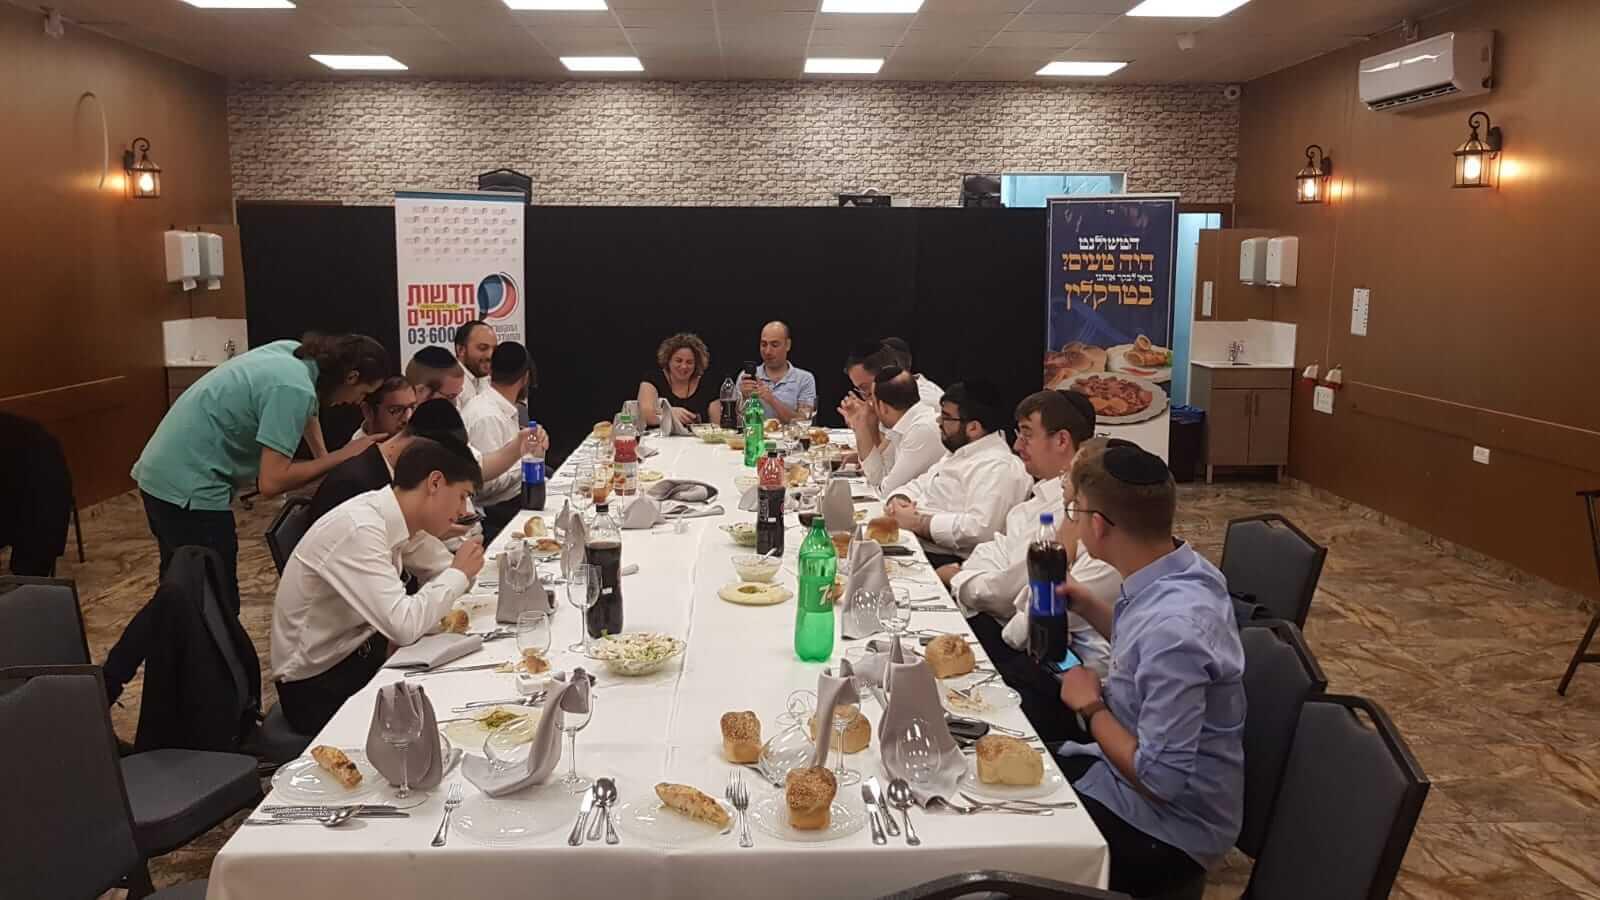 סיקור וגלריה: זה מה שקרה במפגש העיתונאים של 'הסקופים' 5